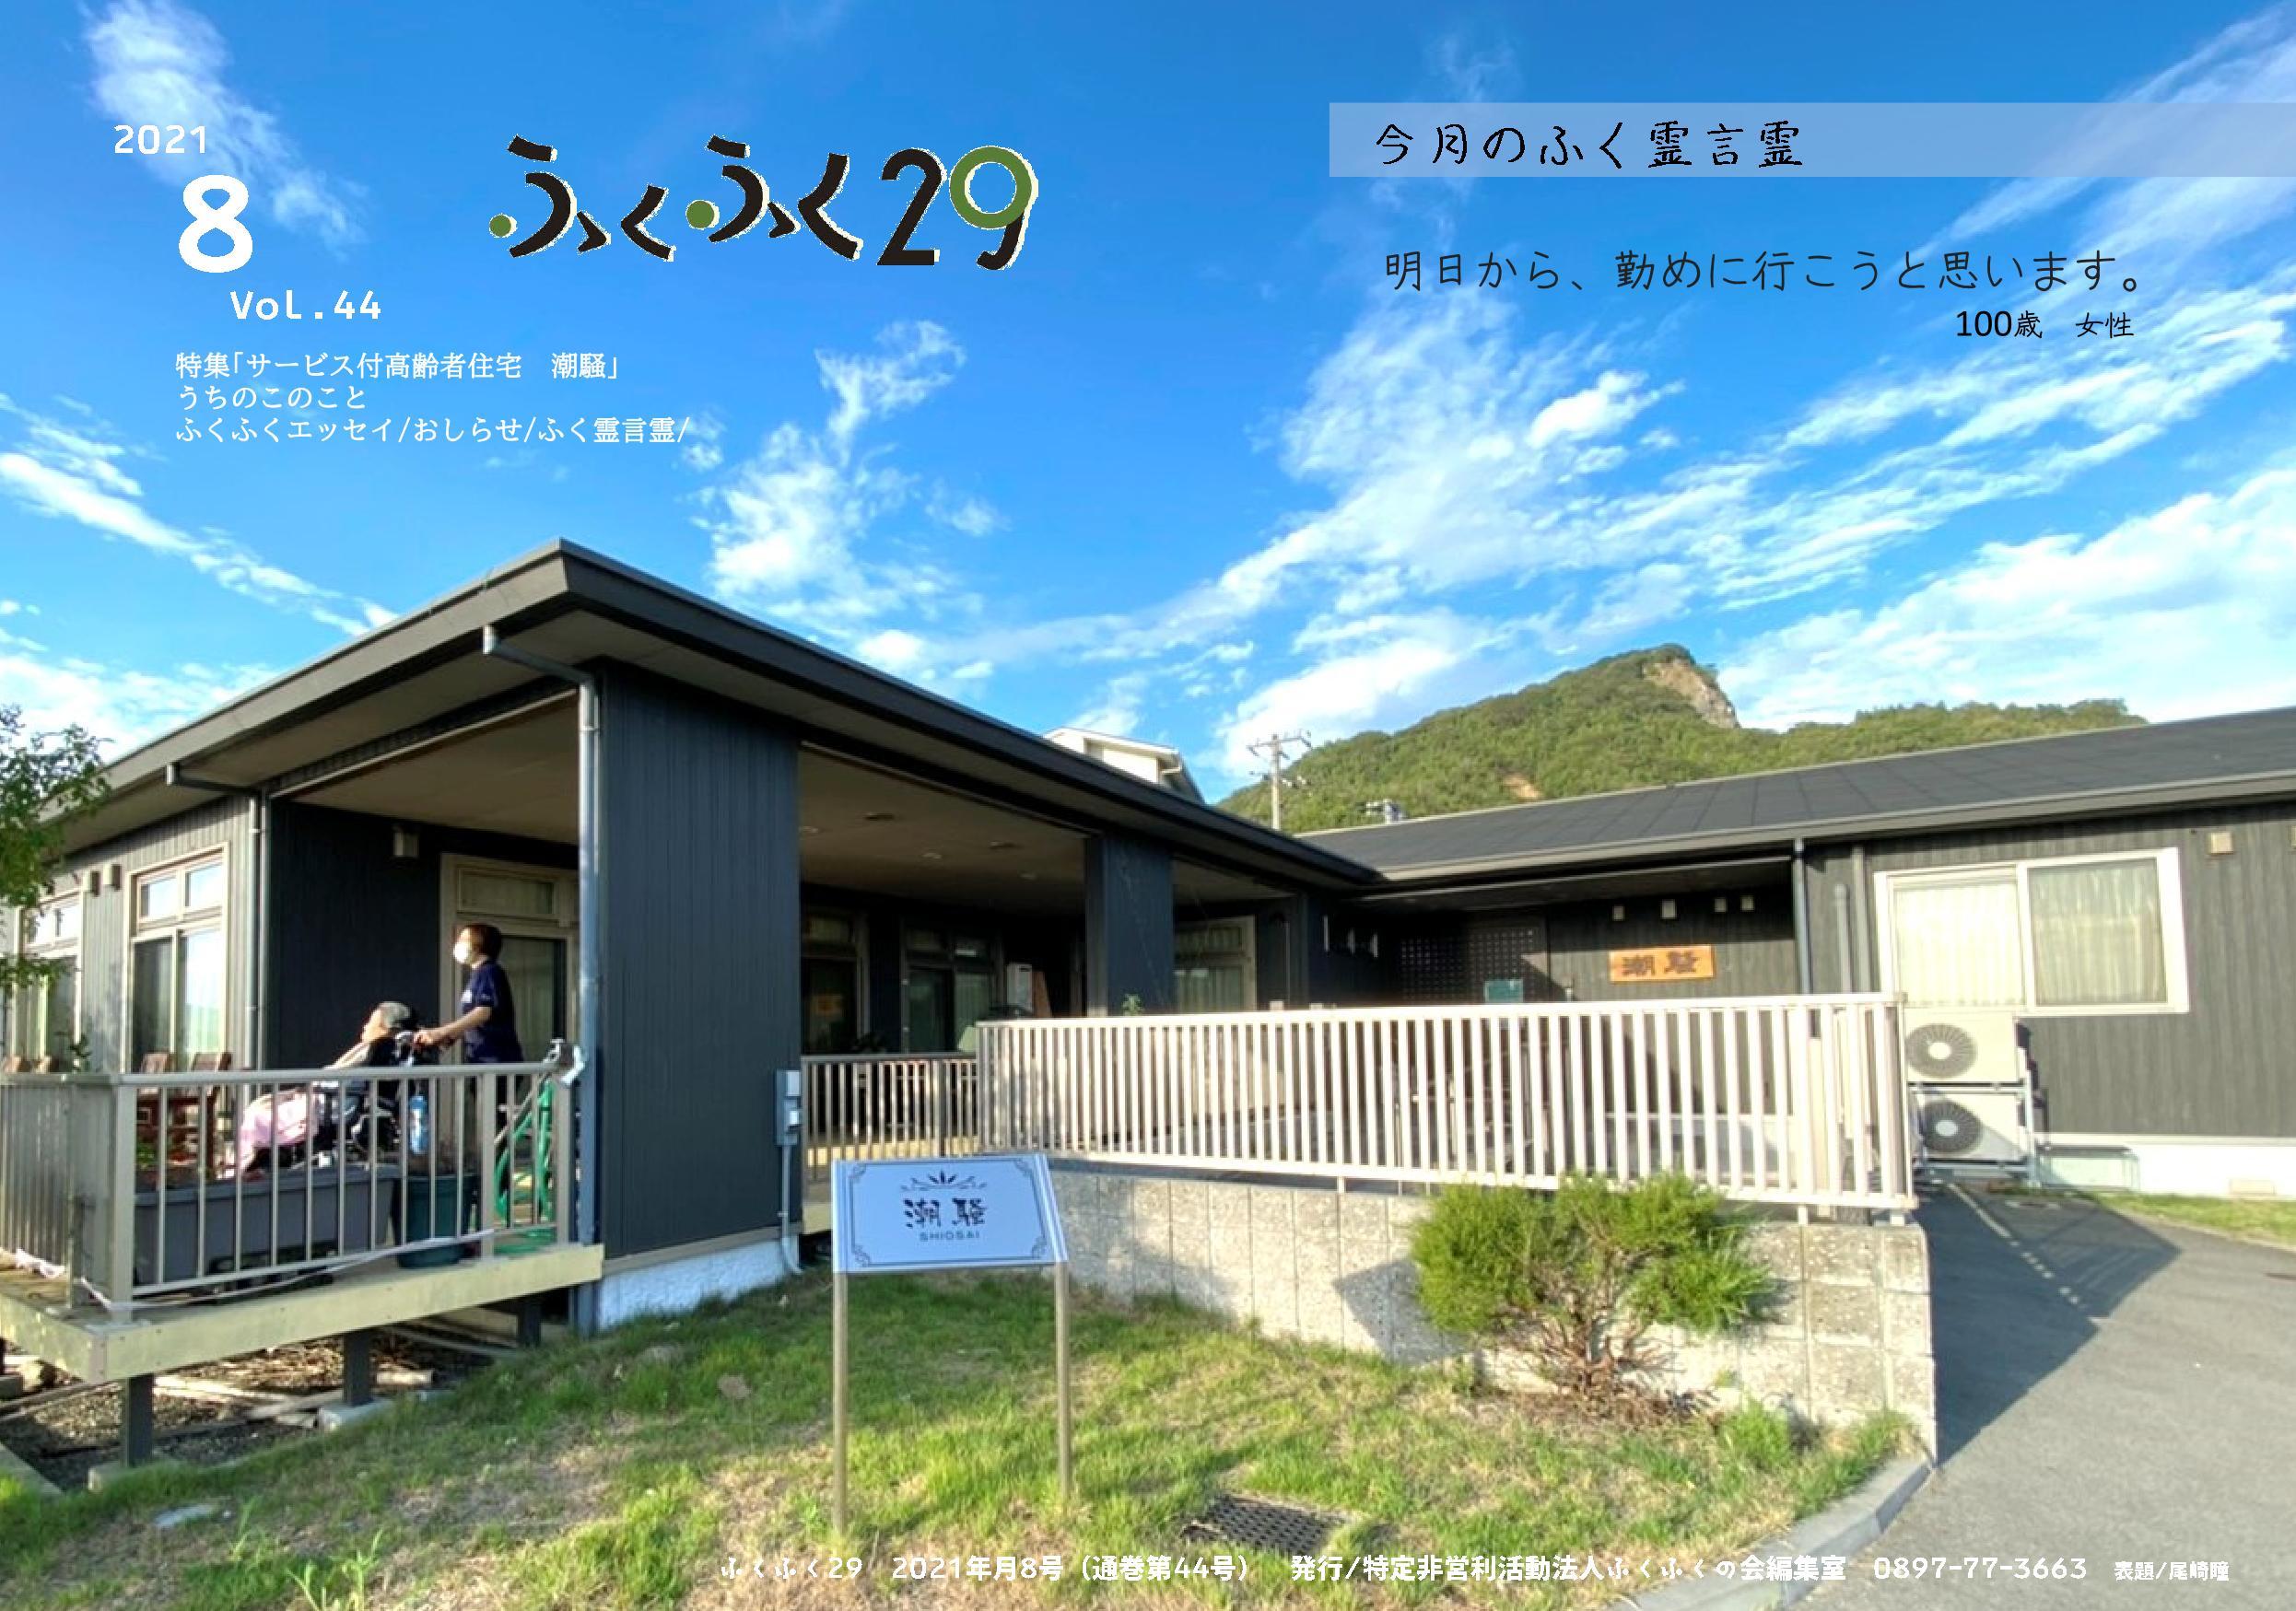 http://fukufukunokai.com/newsletter/images/8%E6%9C%88%E5%8F%B73_cropped_1.jpeg